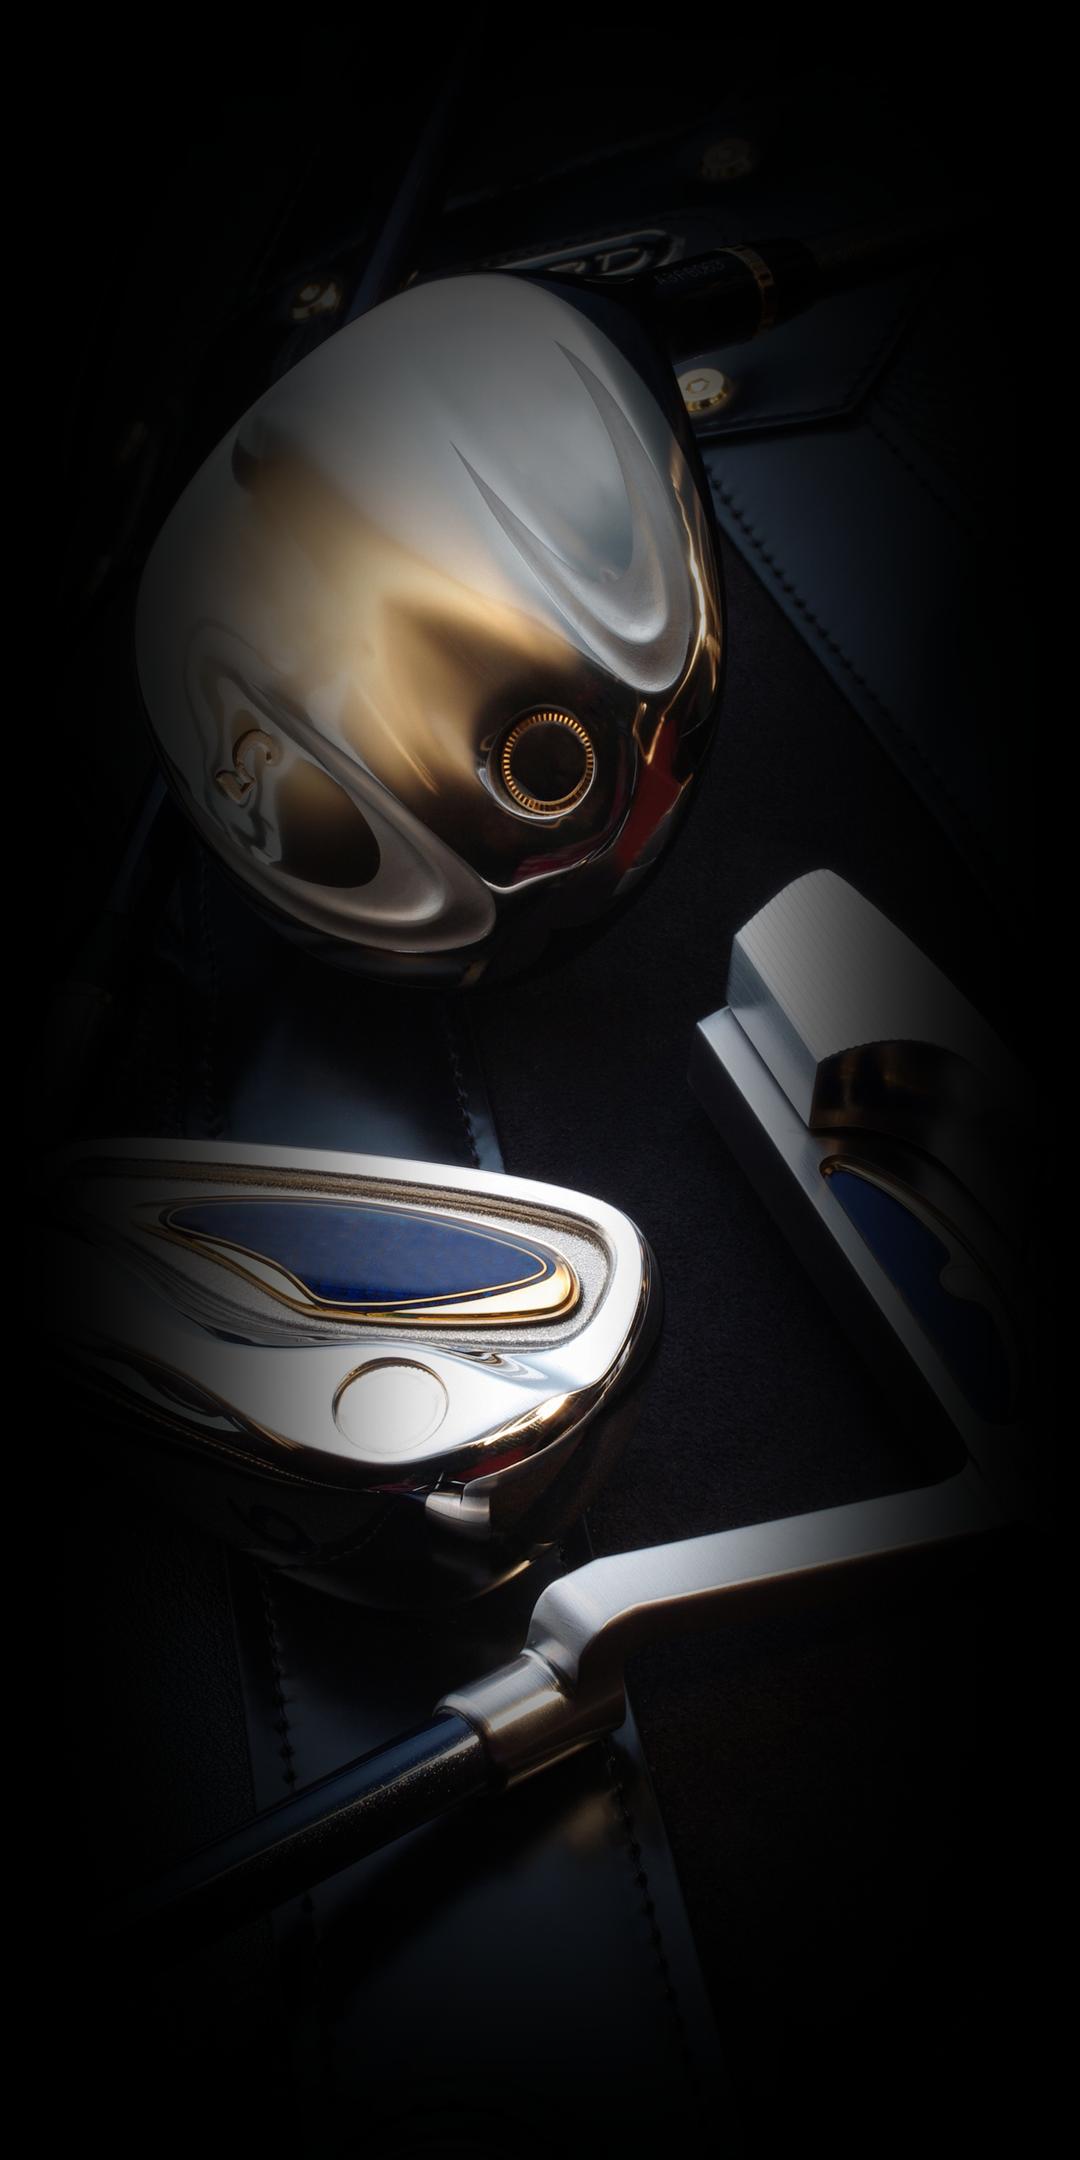 خلفيات Gionee M7 الاصلية صور خلفيات روعة Darth Superhero Character